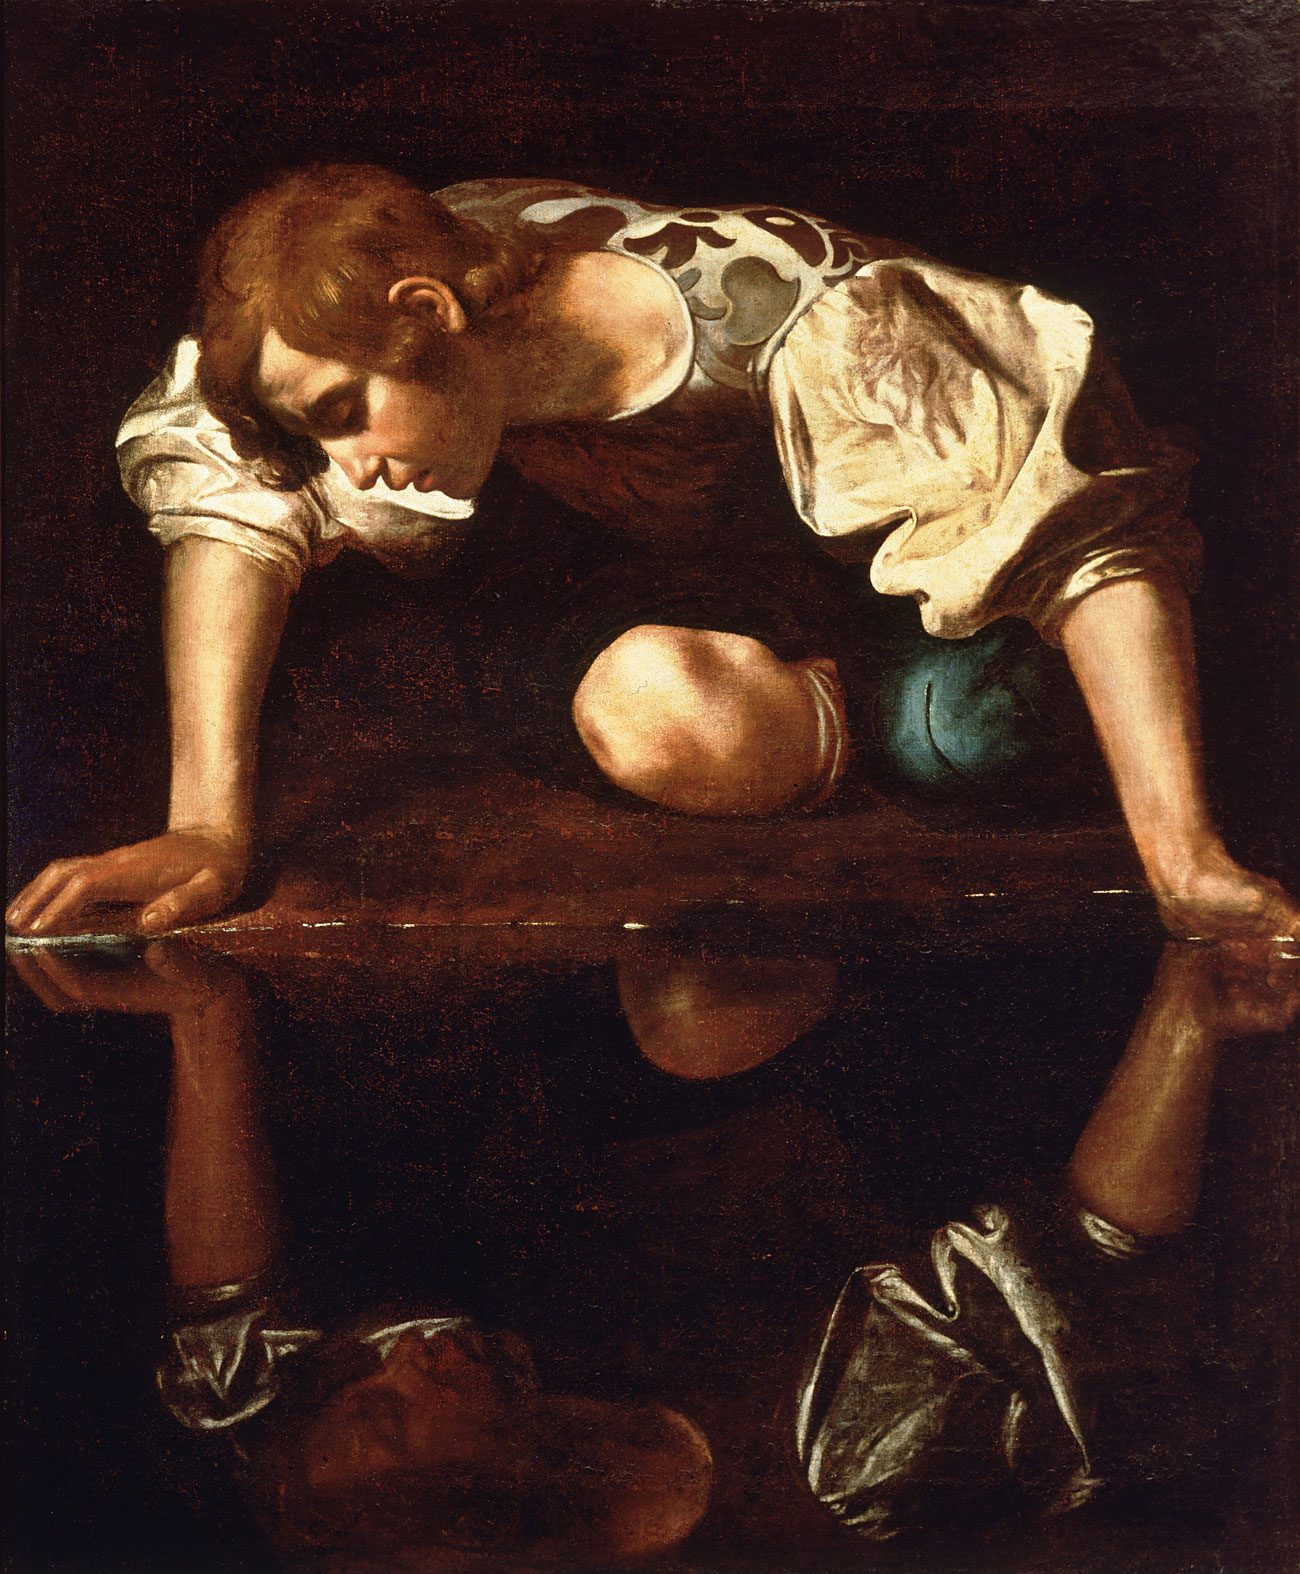 narcissus caravaggio 1594 96 - <b>Я в центрі, я краще:</b> що таке нарцисичний розлад особистості, як його розпізнати та чи можна виправити - Заборона